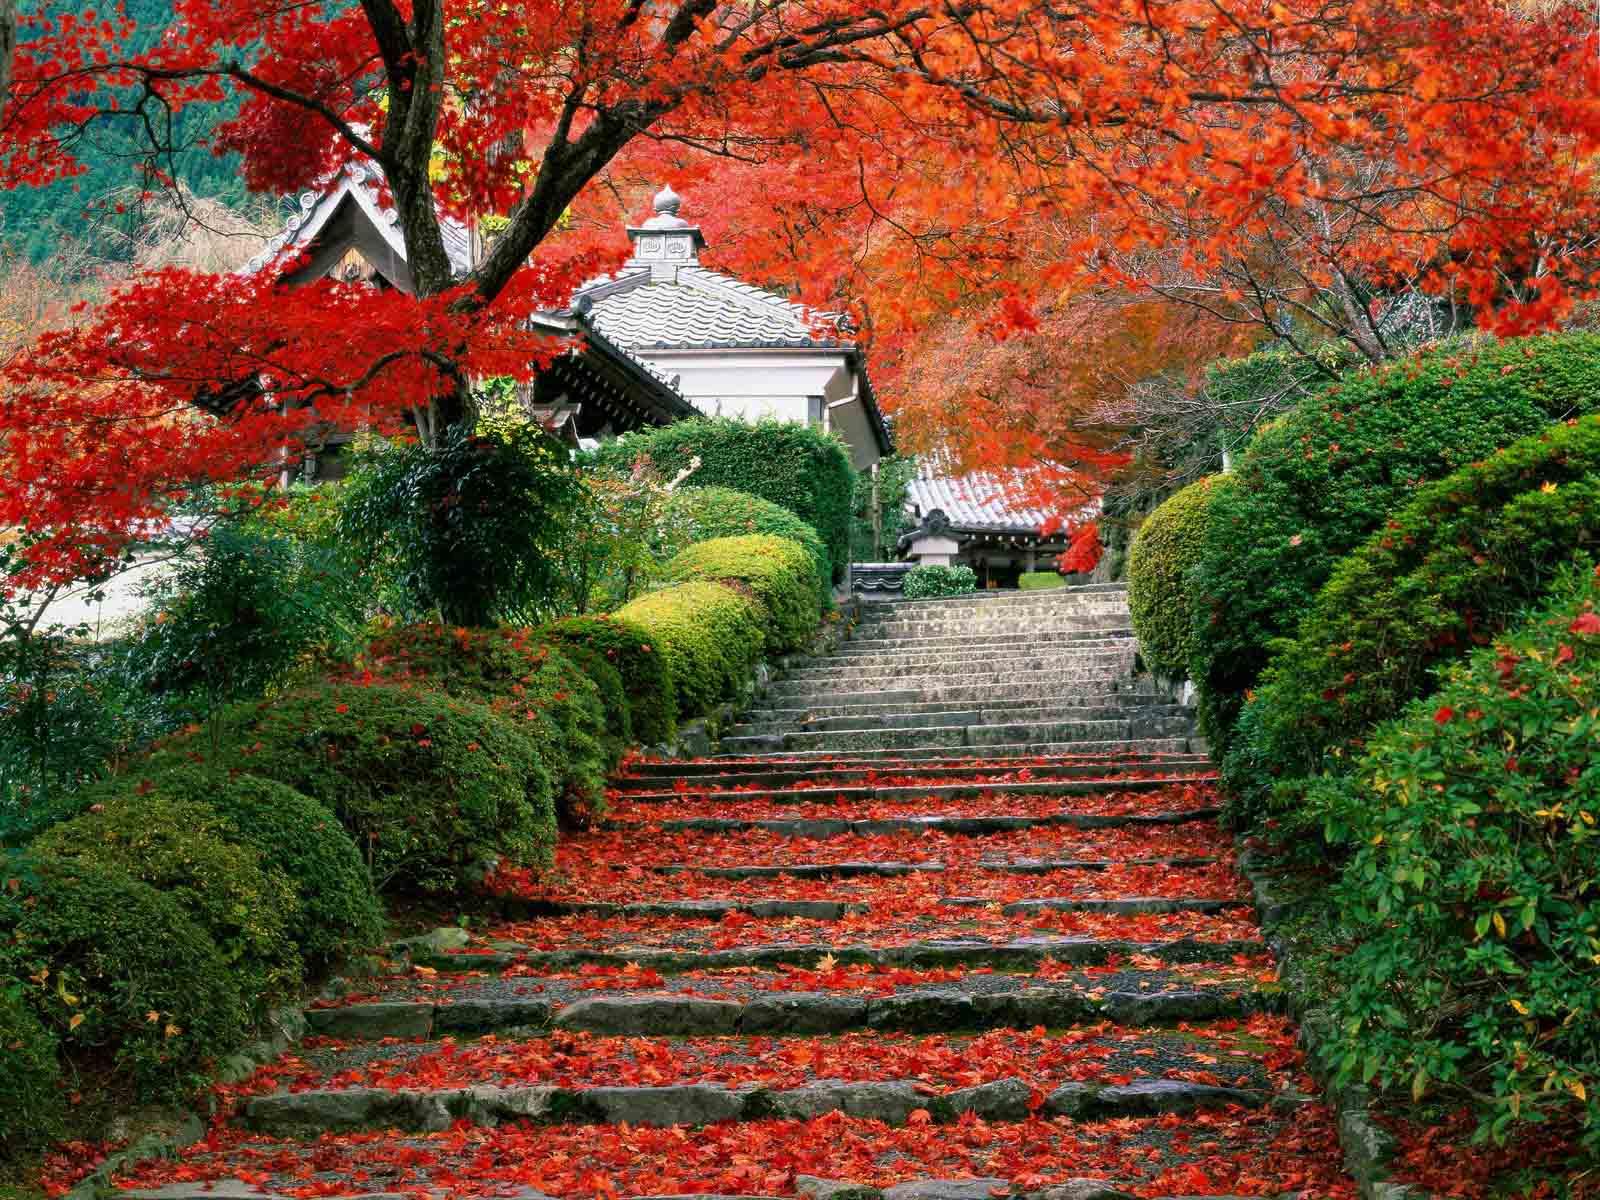 粉色童年梦想,日本旅行追忆篇:Part 2